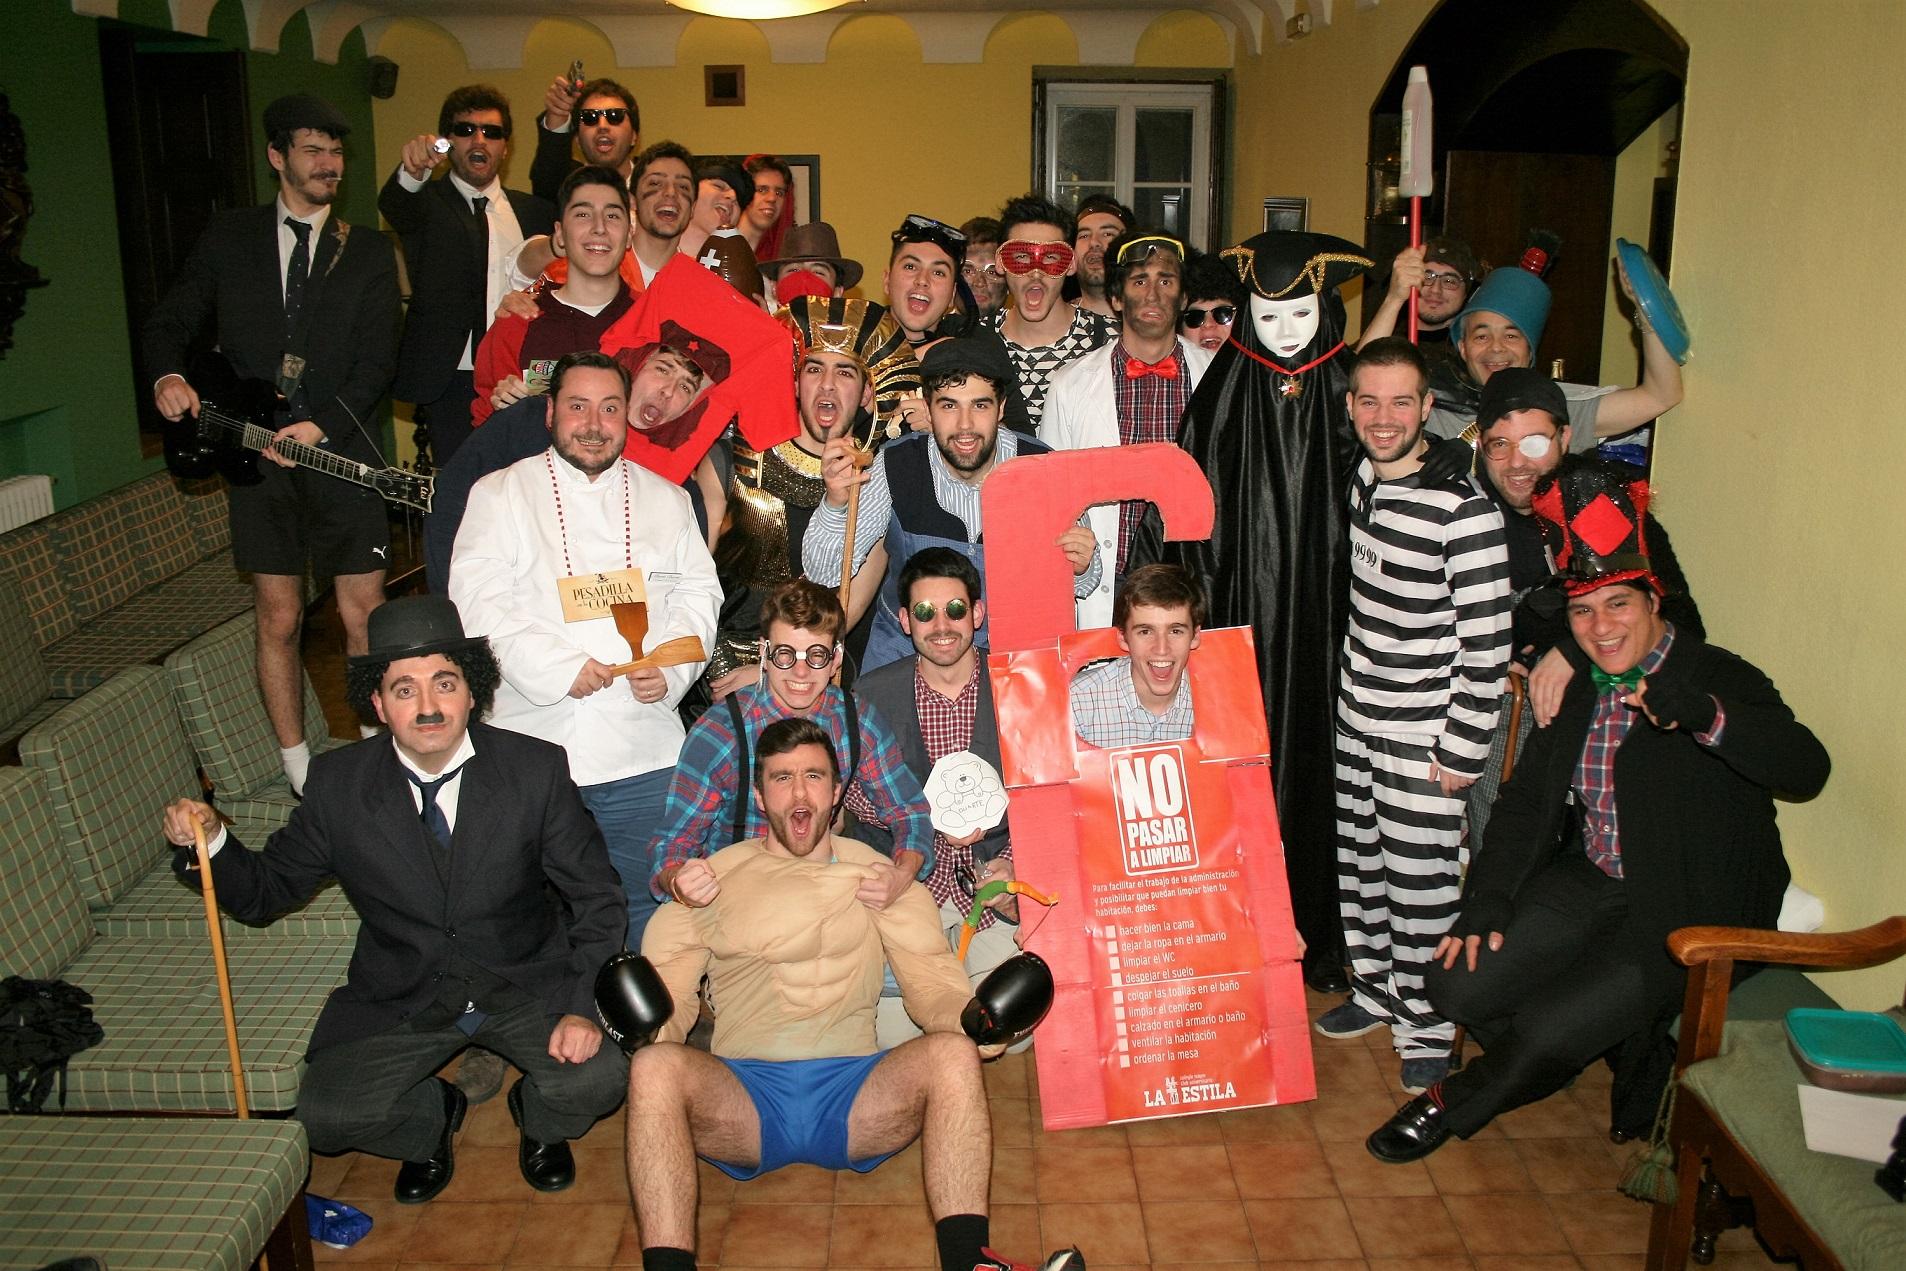 Diversión y buen humor, recetas del Colegio Mayor para el carnaval